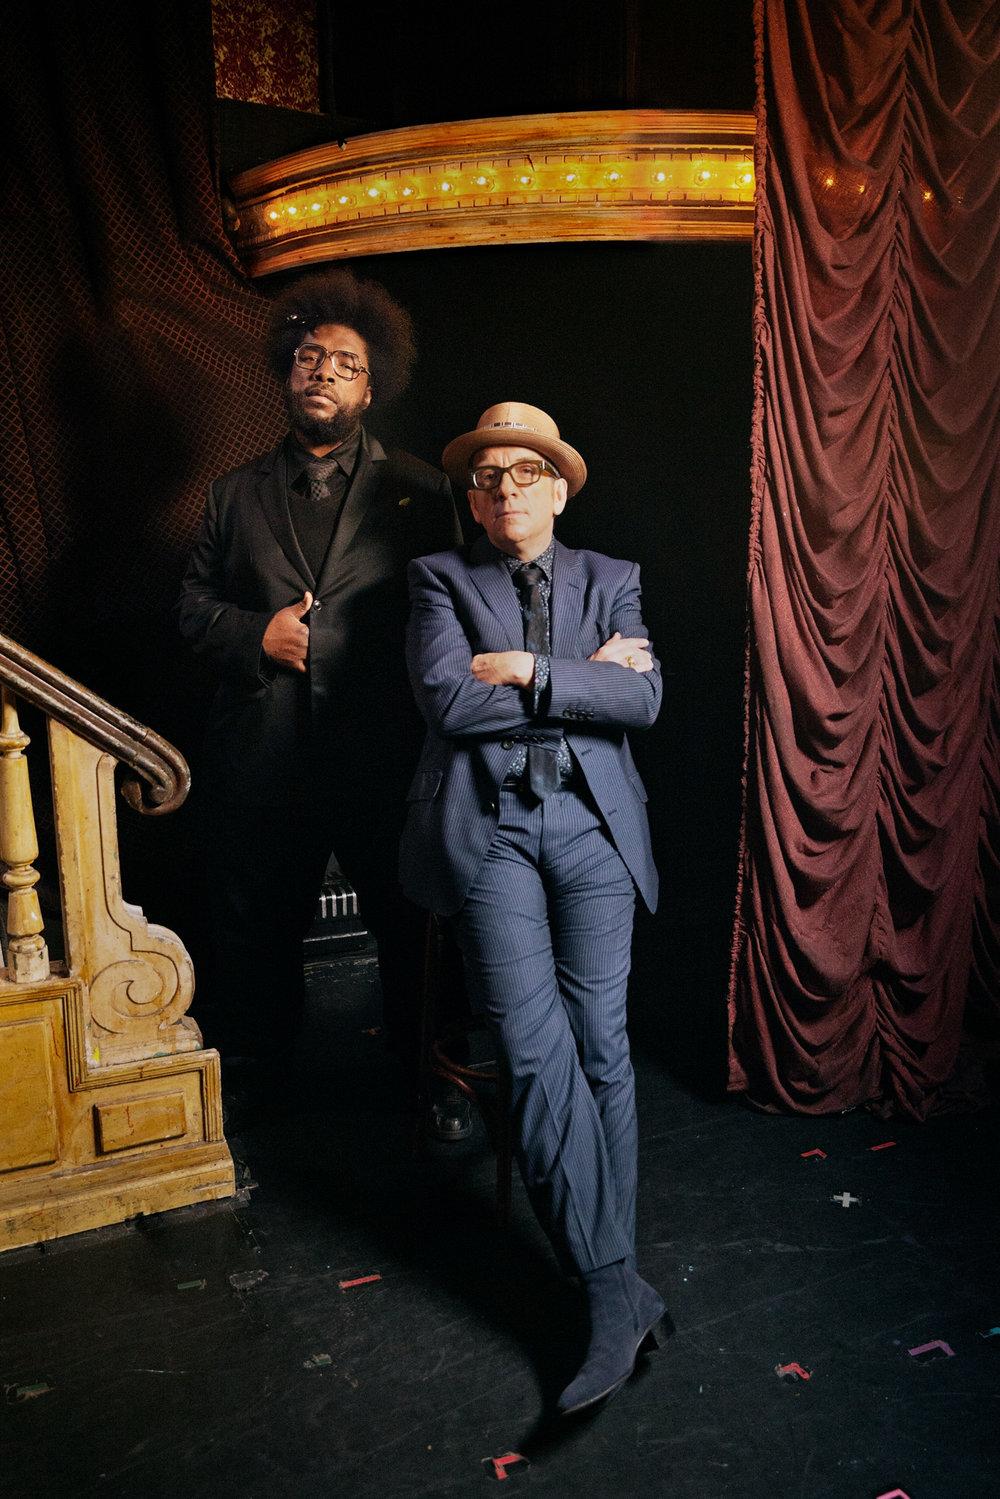 Elvis Costello_Questlove_Danny Clinch Photographer_Rebecca PIetri Stylist _Questlove_Duo_2.jpg